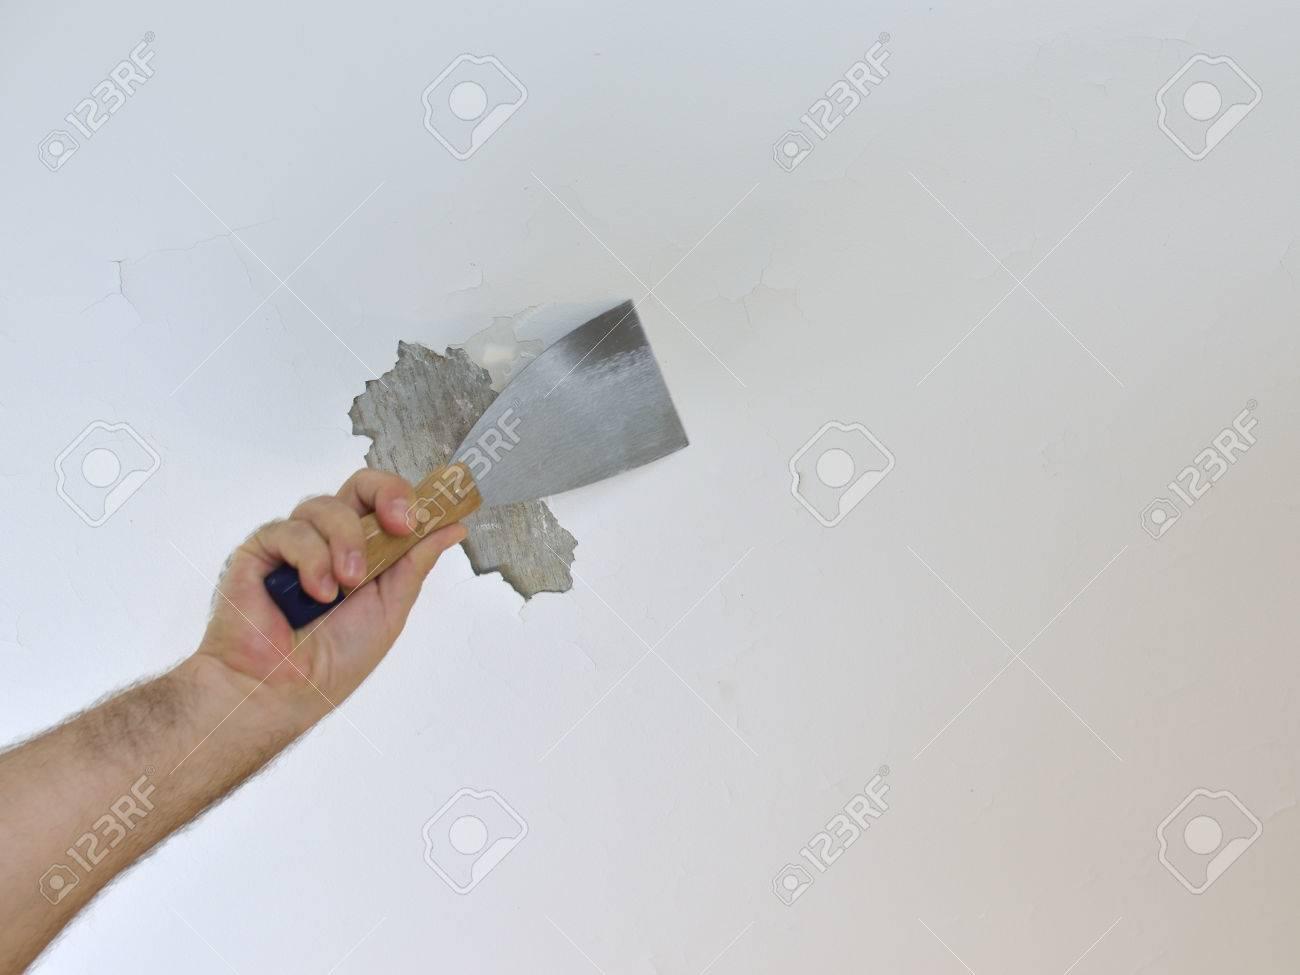 hand mit einem gipsspachtel, decken schaben, die vorbereitung es zum